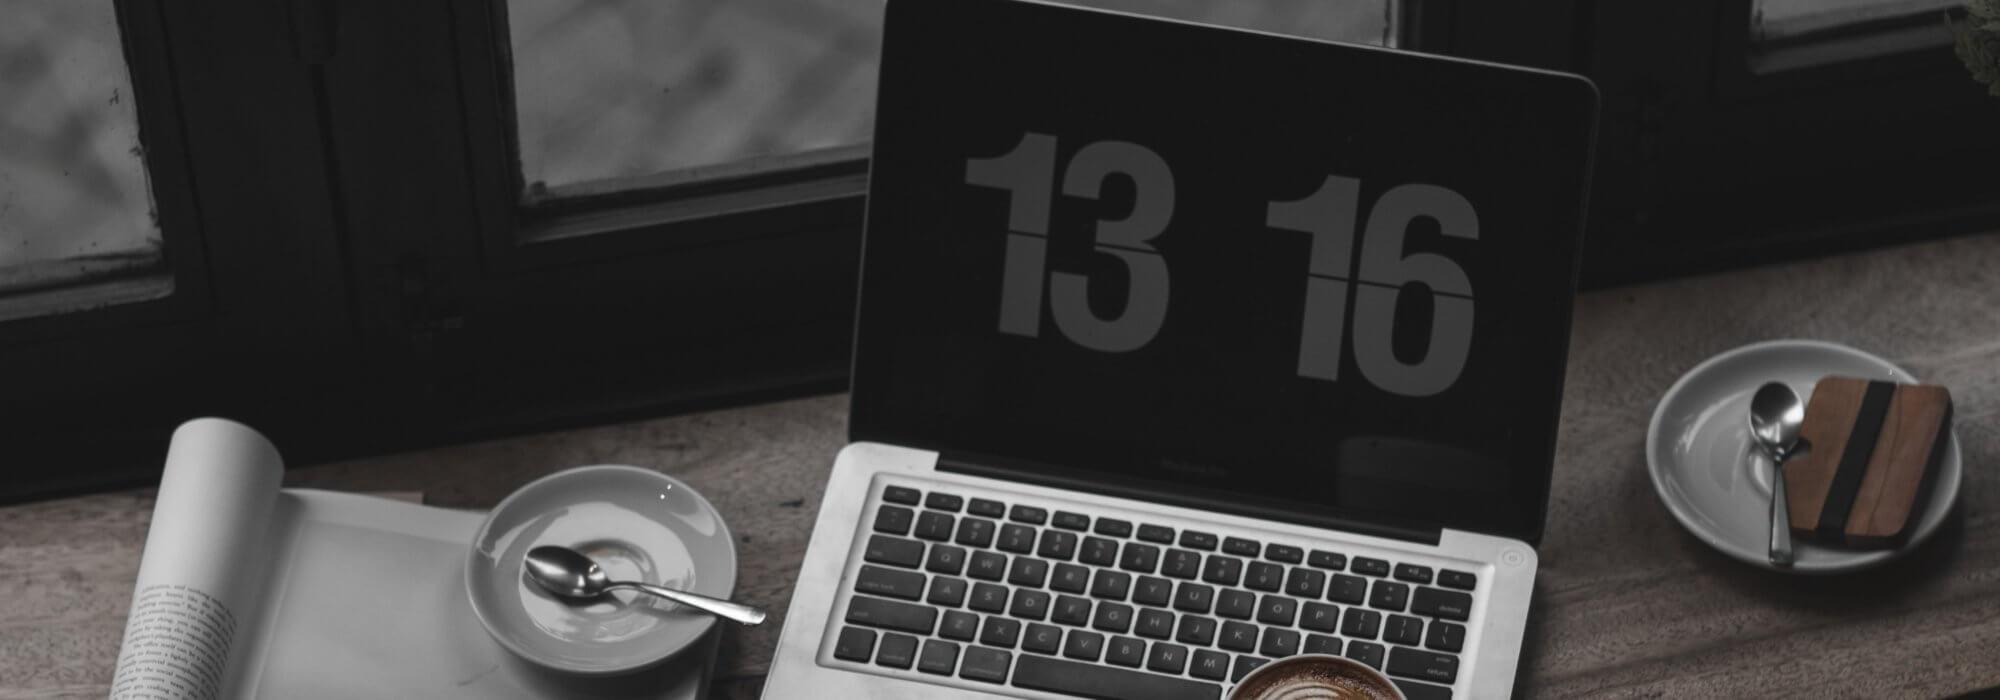 元ガテン系の中卒男が年収1億の起業家と出会って30歳でビジネス初めて起業したブログ